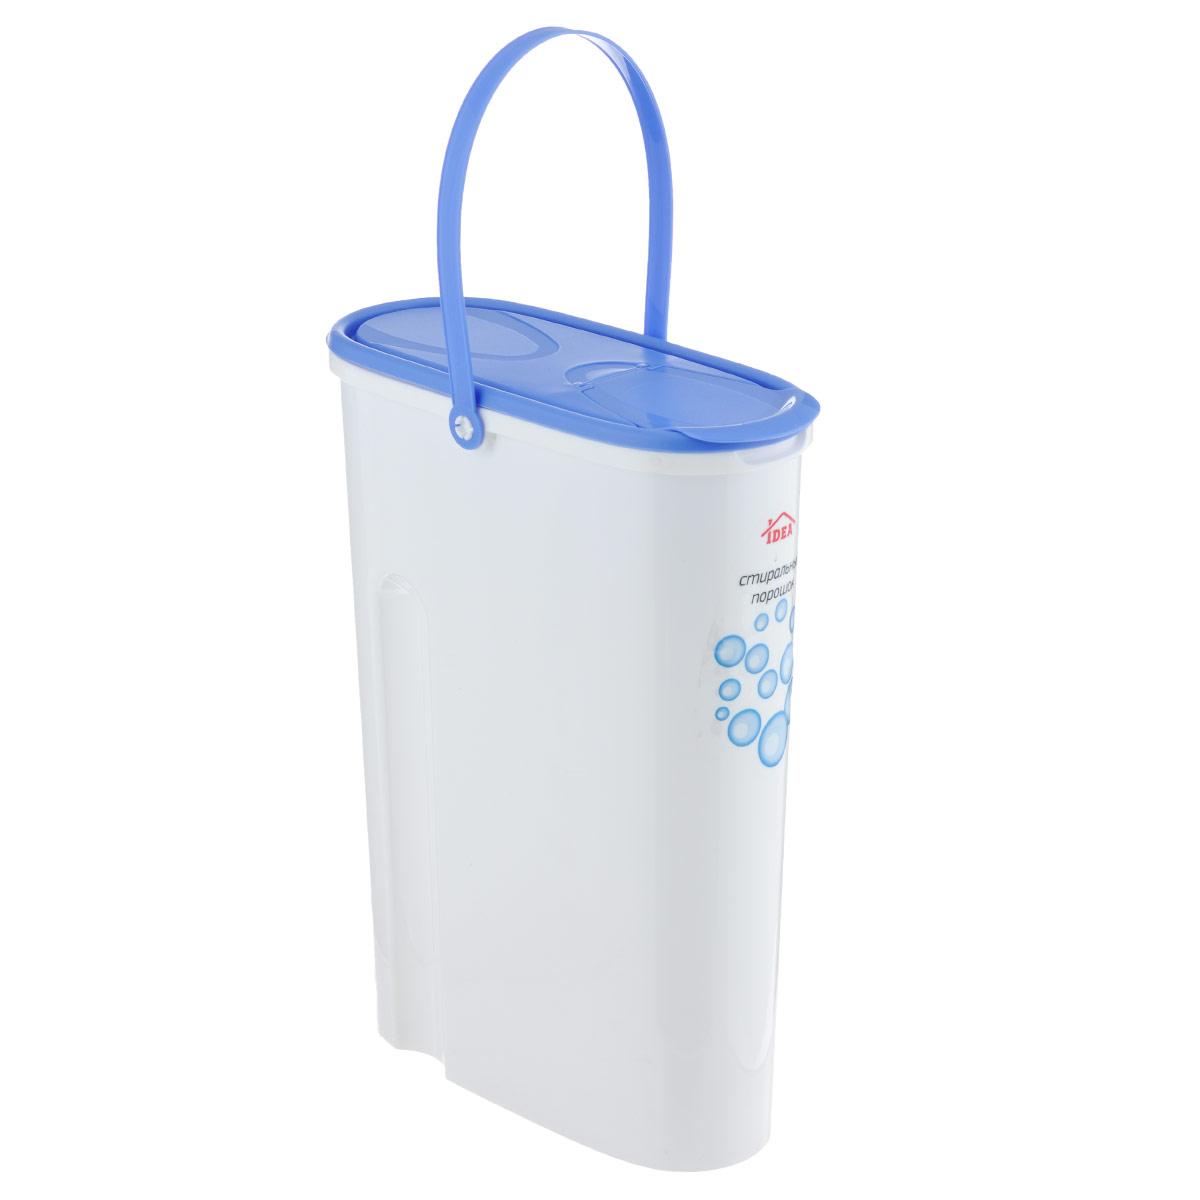 Контейнер для стирального порошка Idea, 5 лPANTERA SPX-2RSКонтейнер для стирального порошка Idea изготовлен из высококачественного пластика. Специальная удлиненная форма идеально подходит для хранения стирального порошка. Контейнер оснащен яркой, плотно закрывающейся крышкой, которая предотвращает распространение запаха. В крышке есть отверстие, через которое удобно высыпать или засыпать стиральный порошок. Для удобства переноски изделие снабжено прочной ручкой.Объем: 5 л.